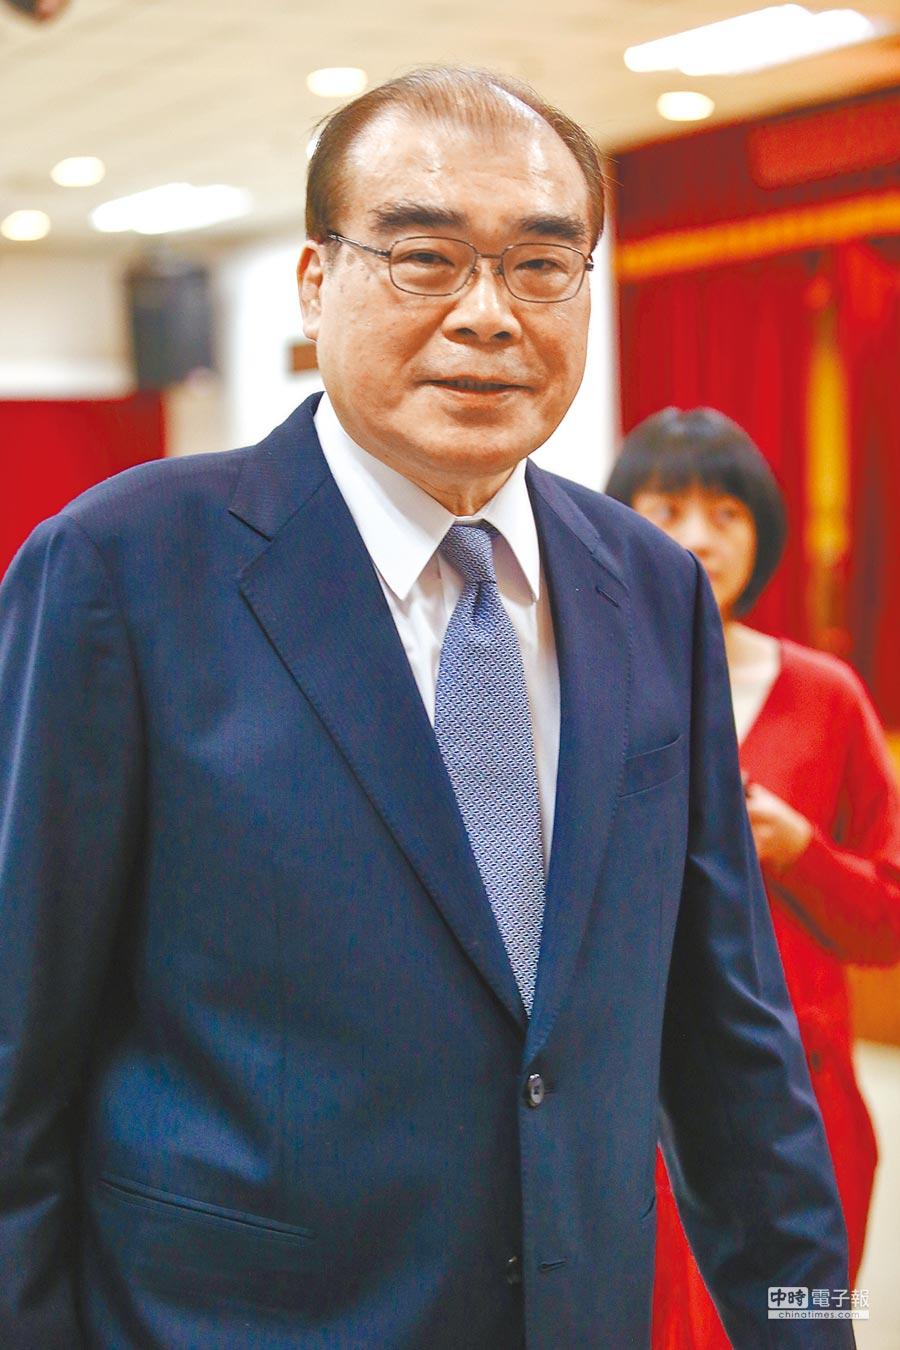 行政院長賴清德核定由警政署副署長邱豐光升任移民署長。(鄧博仁攝)